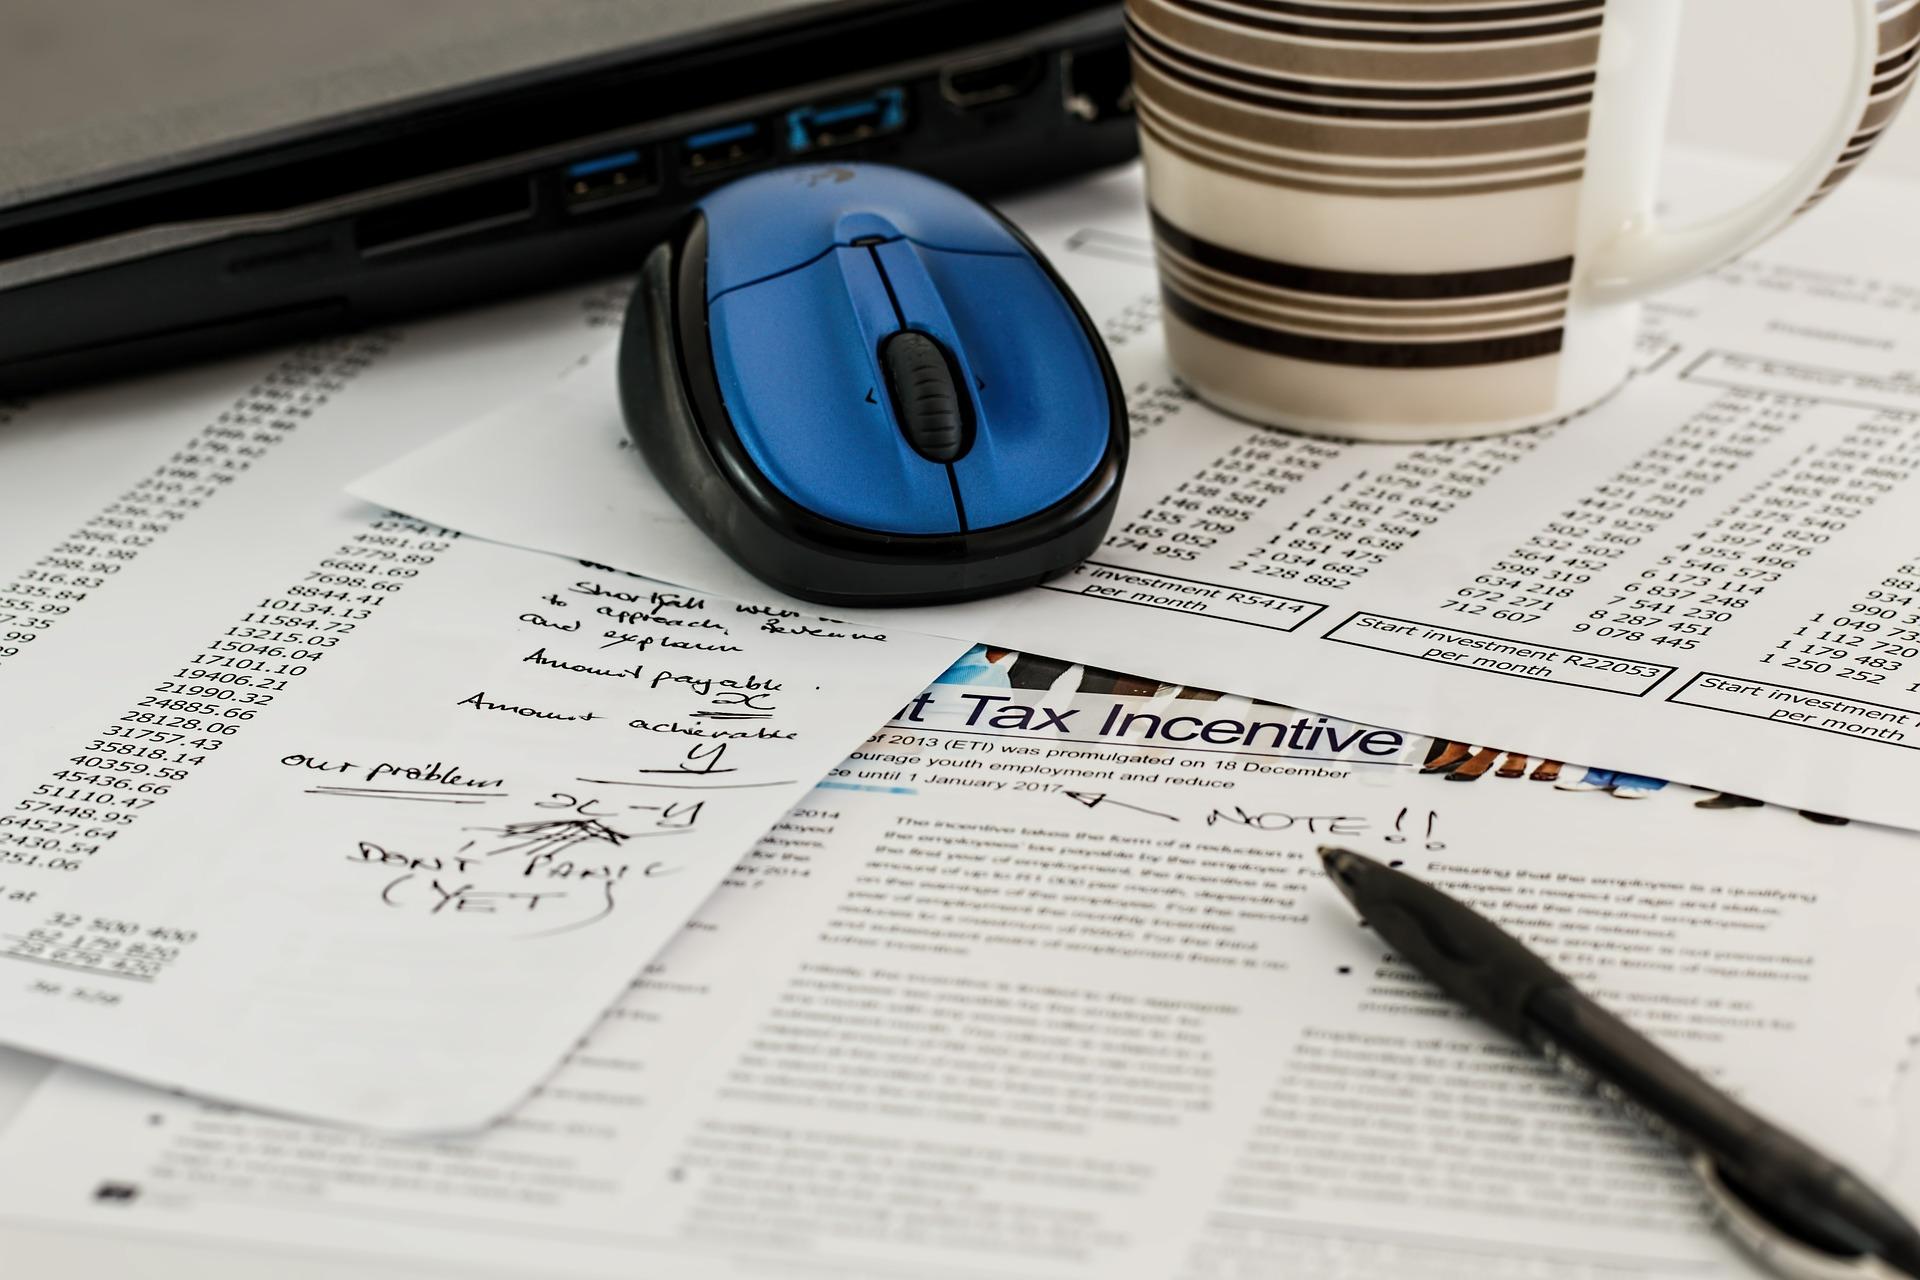 Credito d'imposta fino all'85% su beni strumentali nuovi